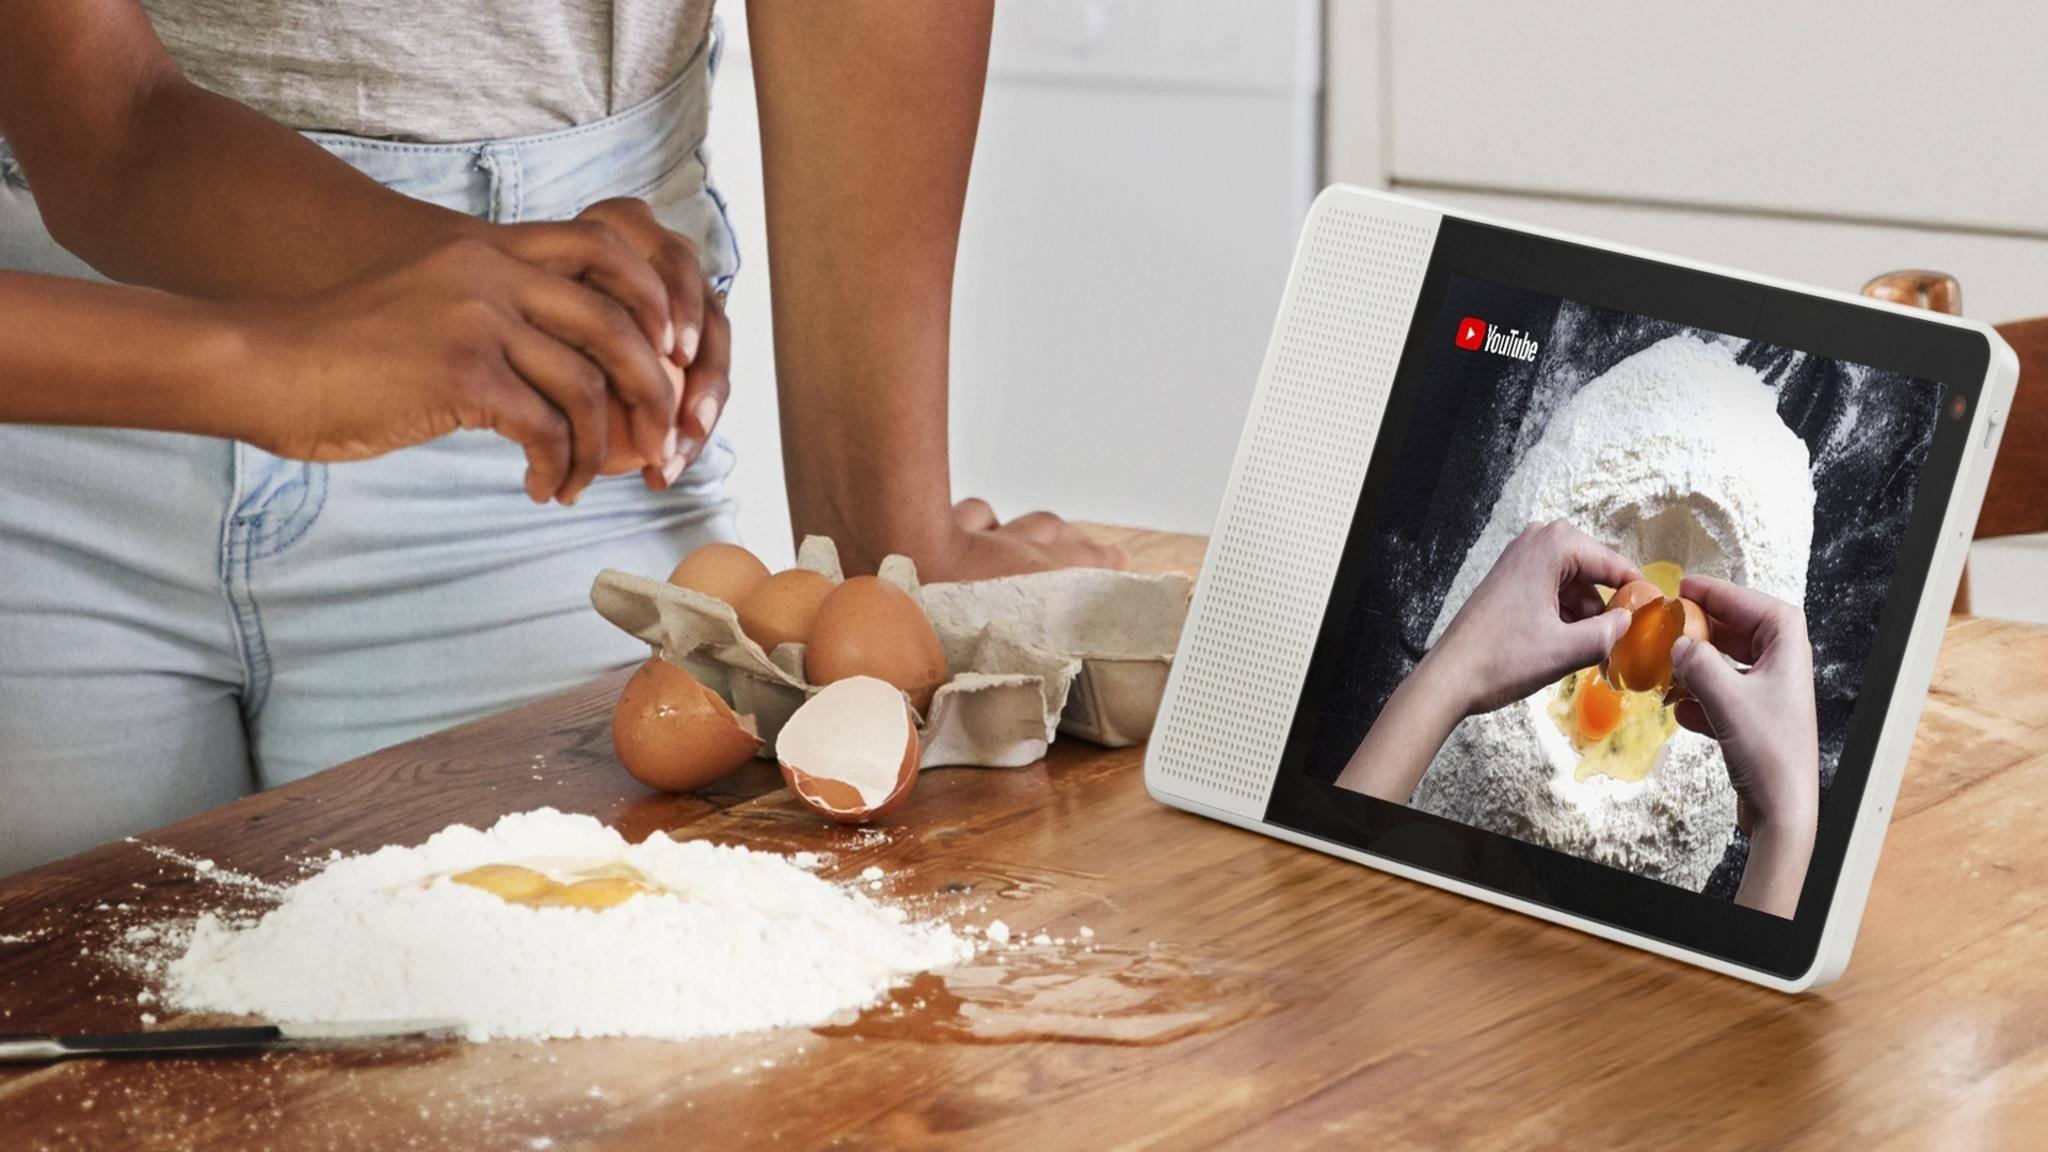 Das Lenovo Smart Display lässt sich via Google Assistant mit Sprachbefehlen steuern.